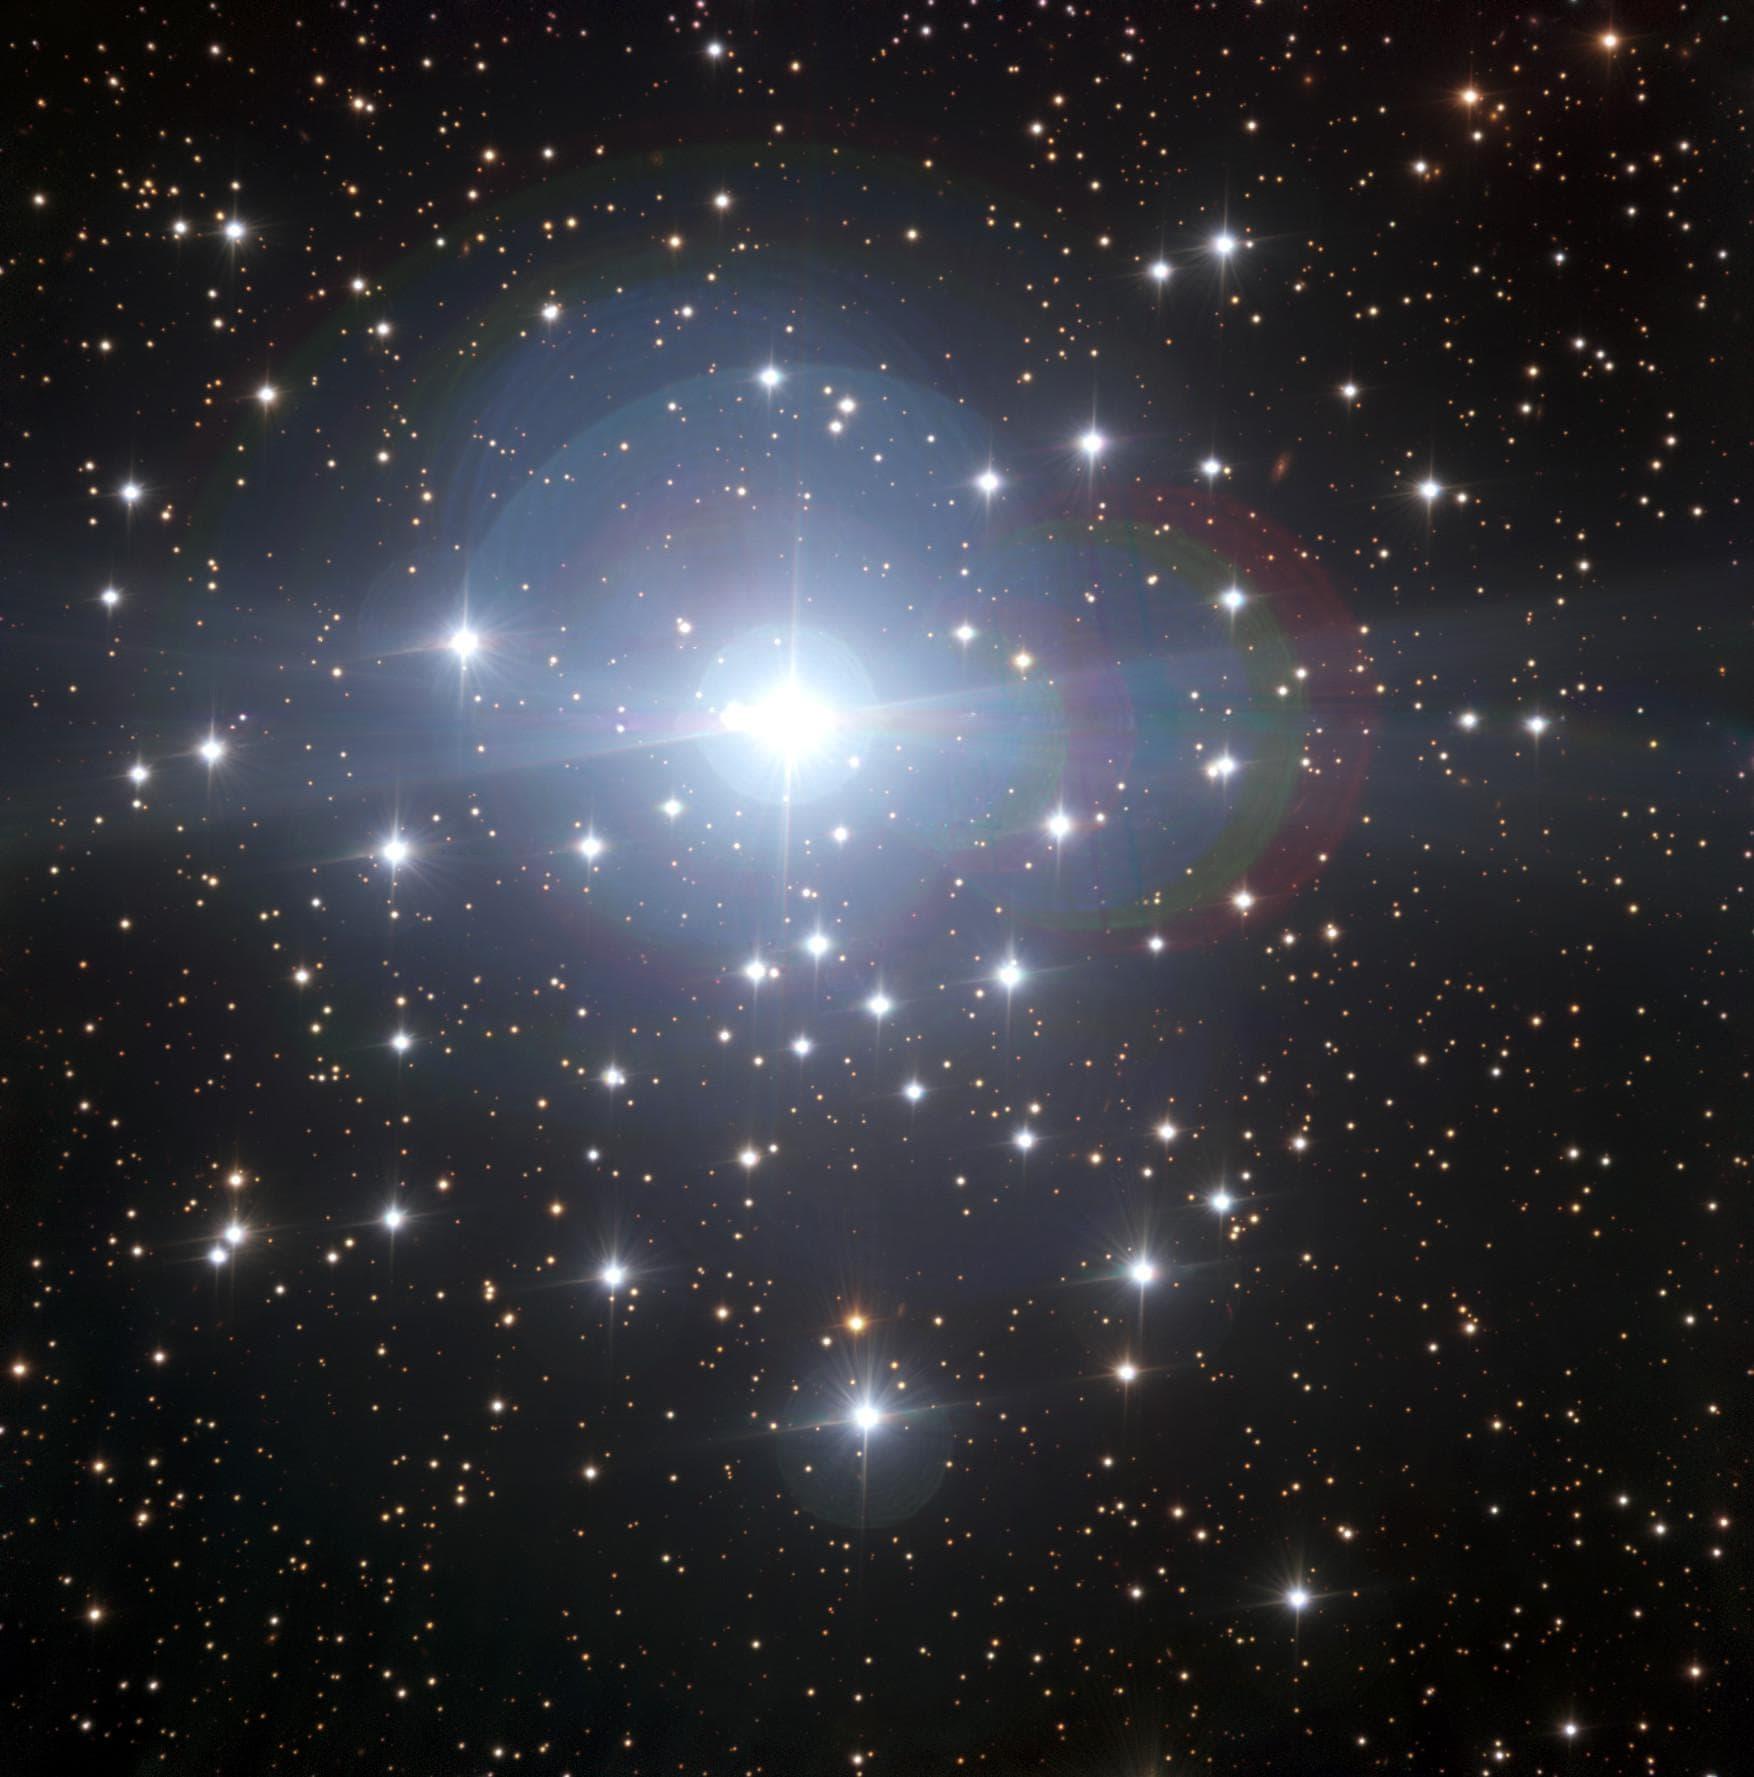 звезды космос фотографии столице